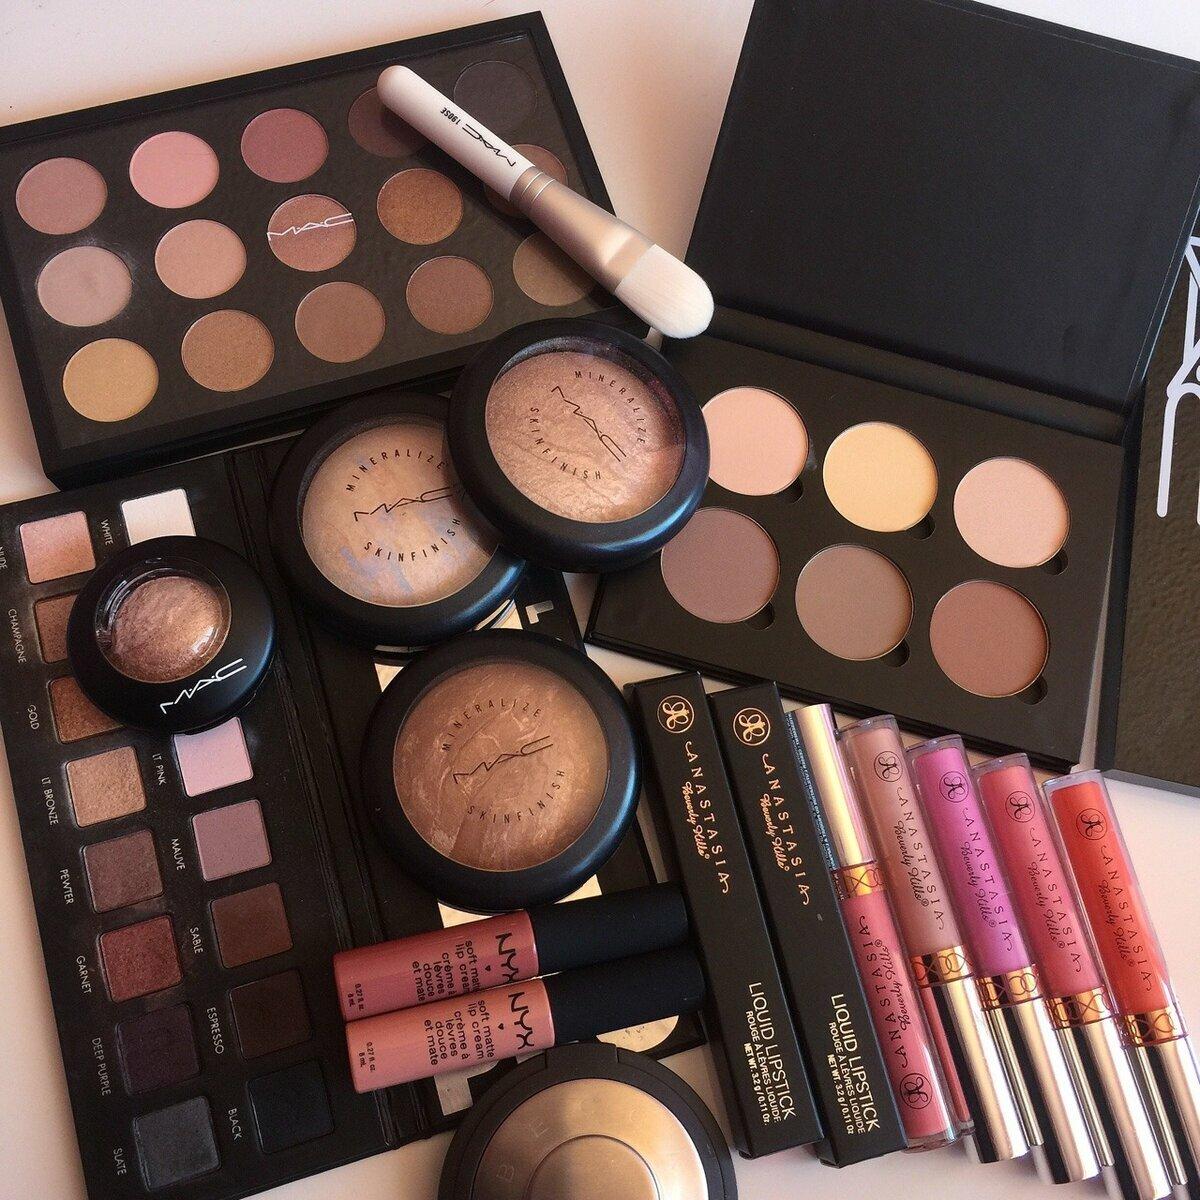 Набор косметики MAC для профессионального макияжа в НижнемНовгороде